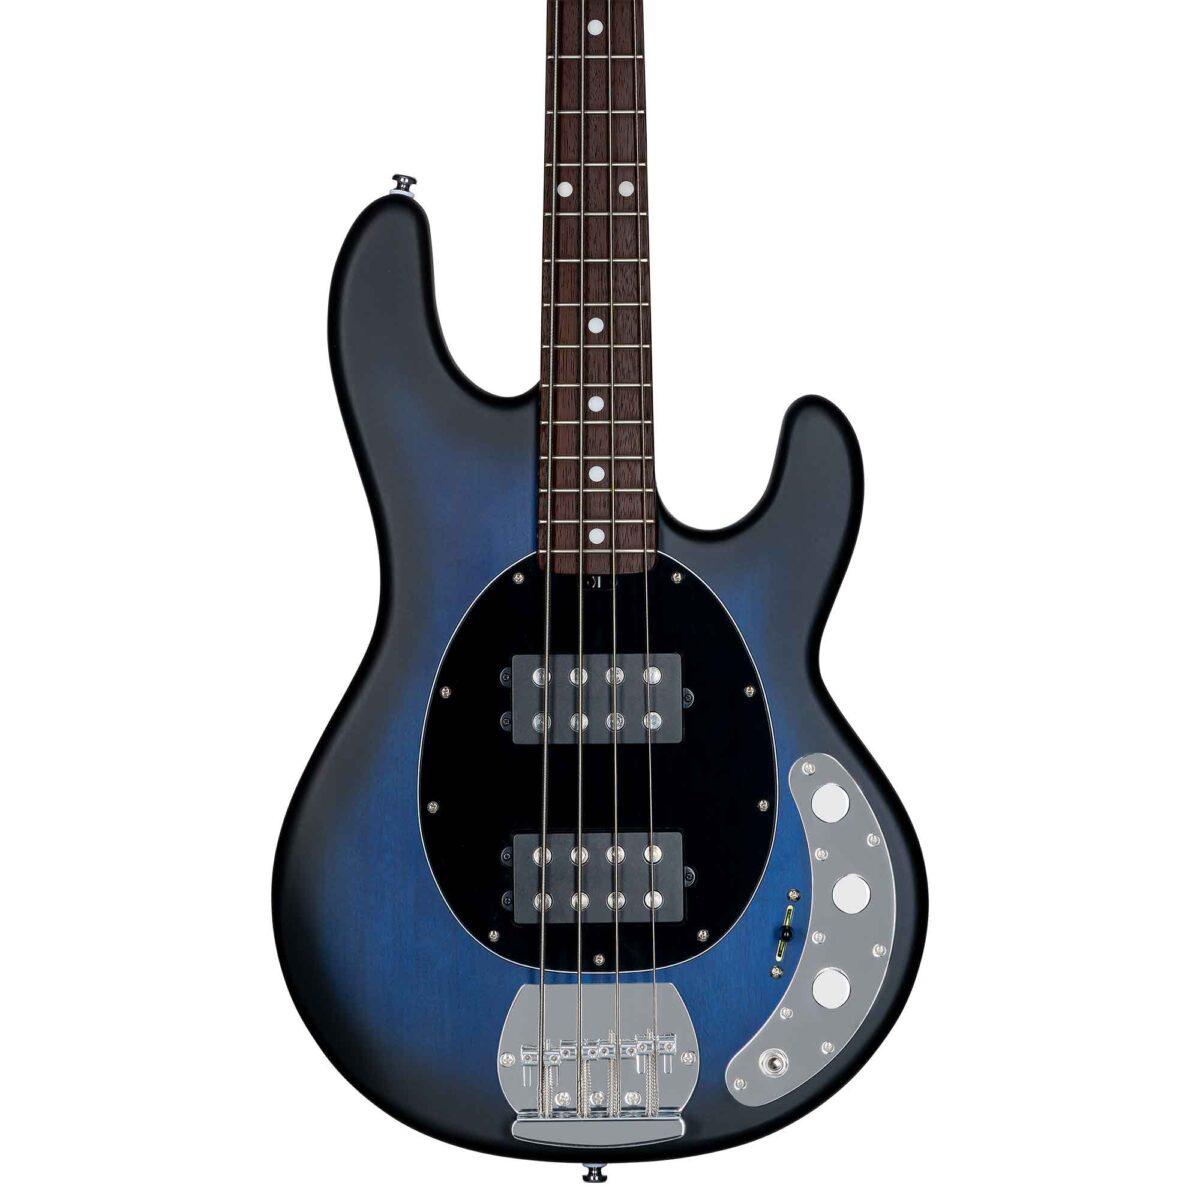 גיטרה בס Sterling by Music Man S.U.B. Ray4HH צבע Pacific Blue Burst Satin